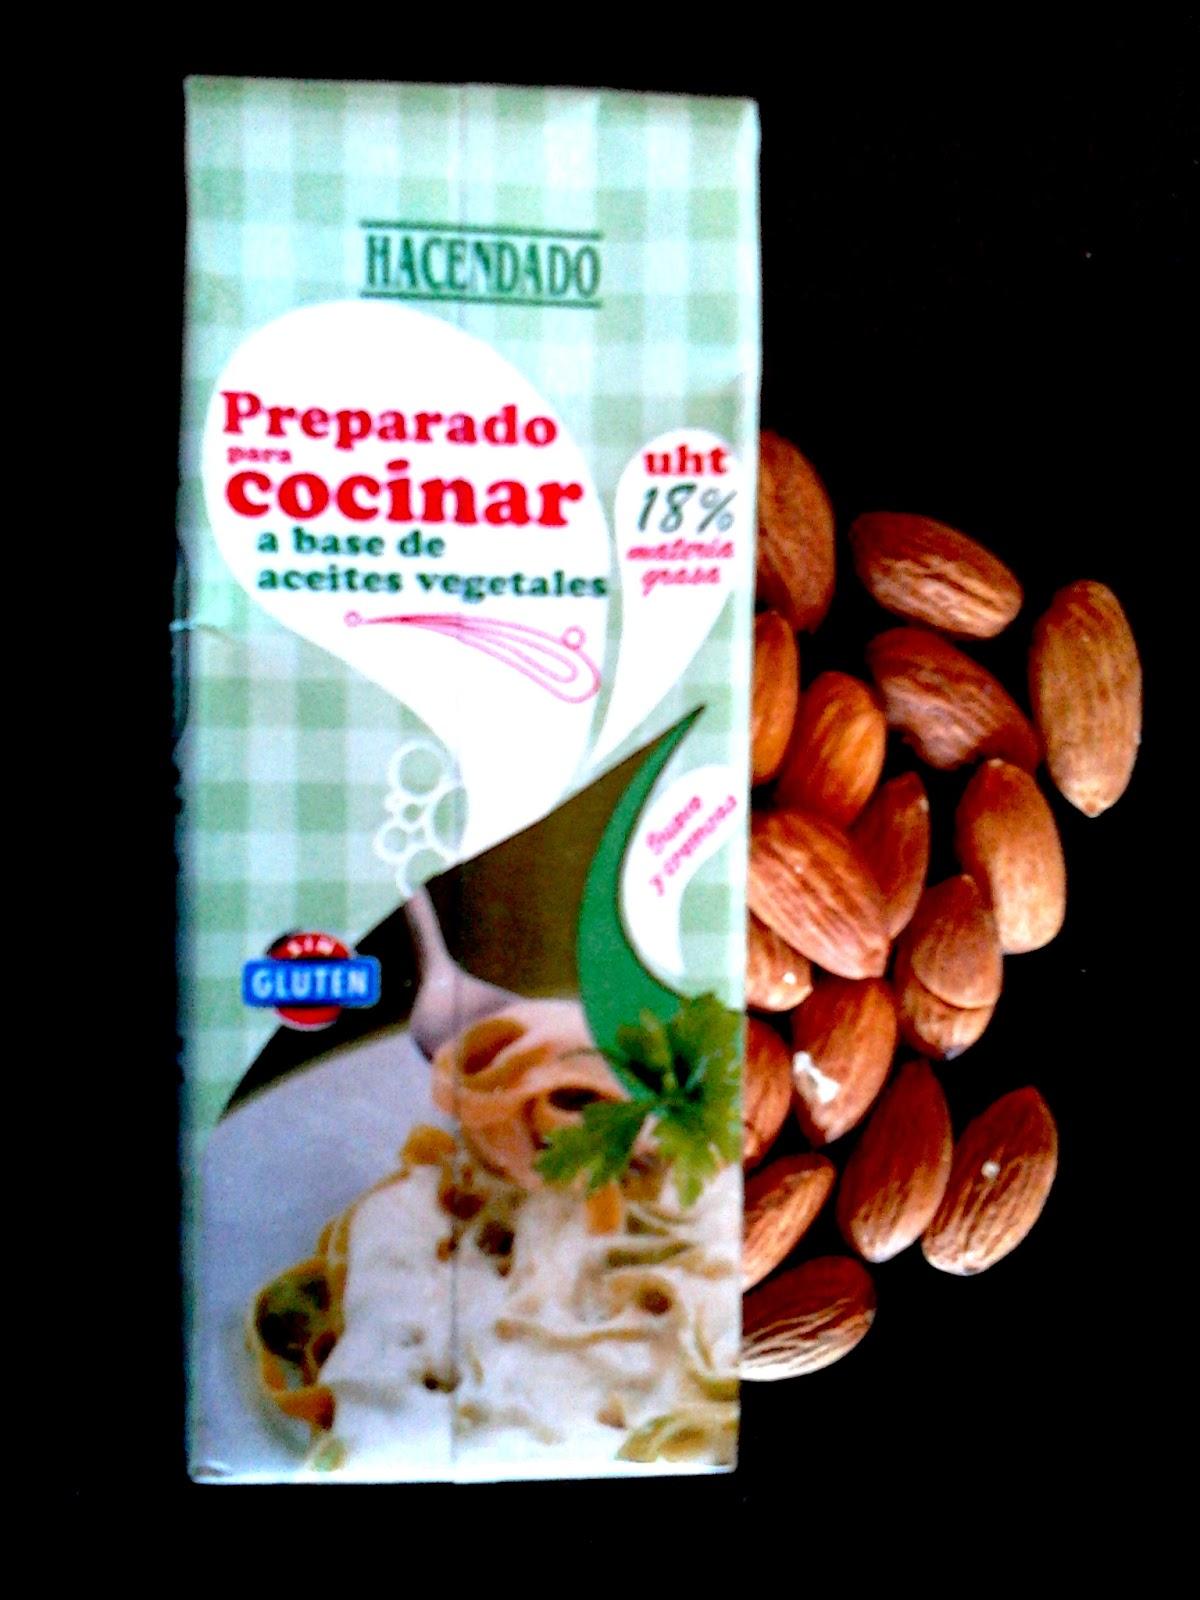 Miss 30 39 s salsa de almendras f cil y sabrosa - Nata para cocinar mercadona ...